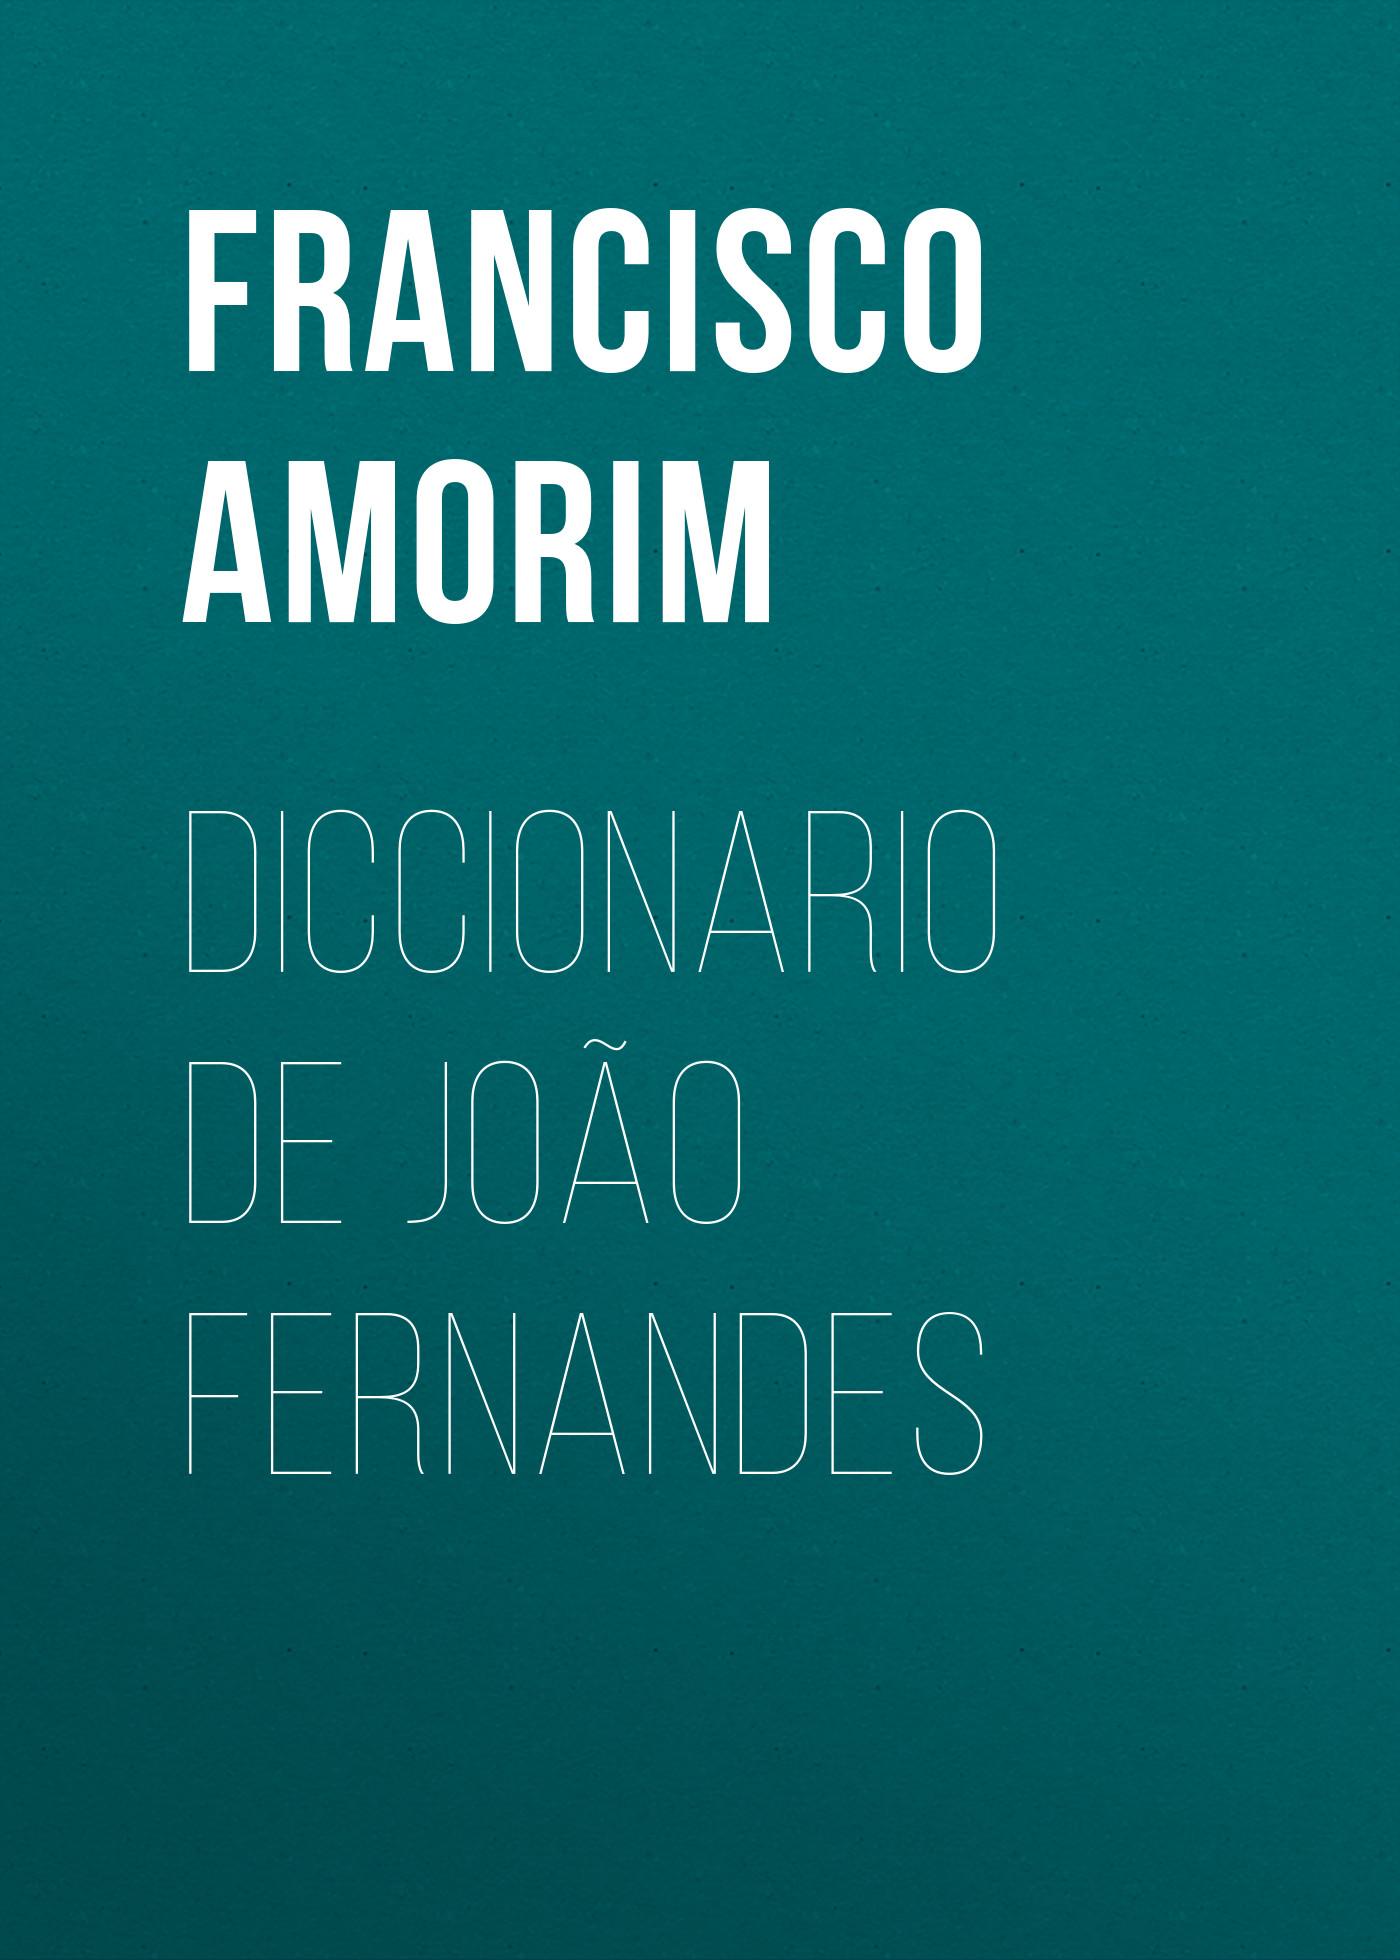 Francisco Gomes de Amorim Diccionario João Fernandes